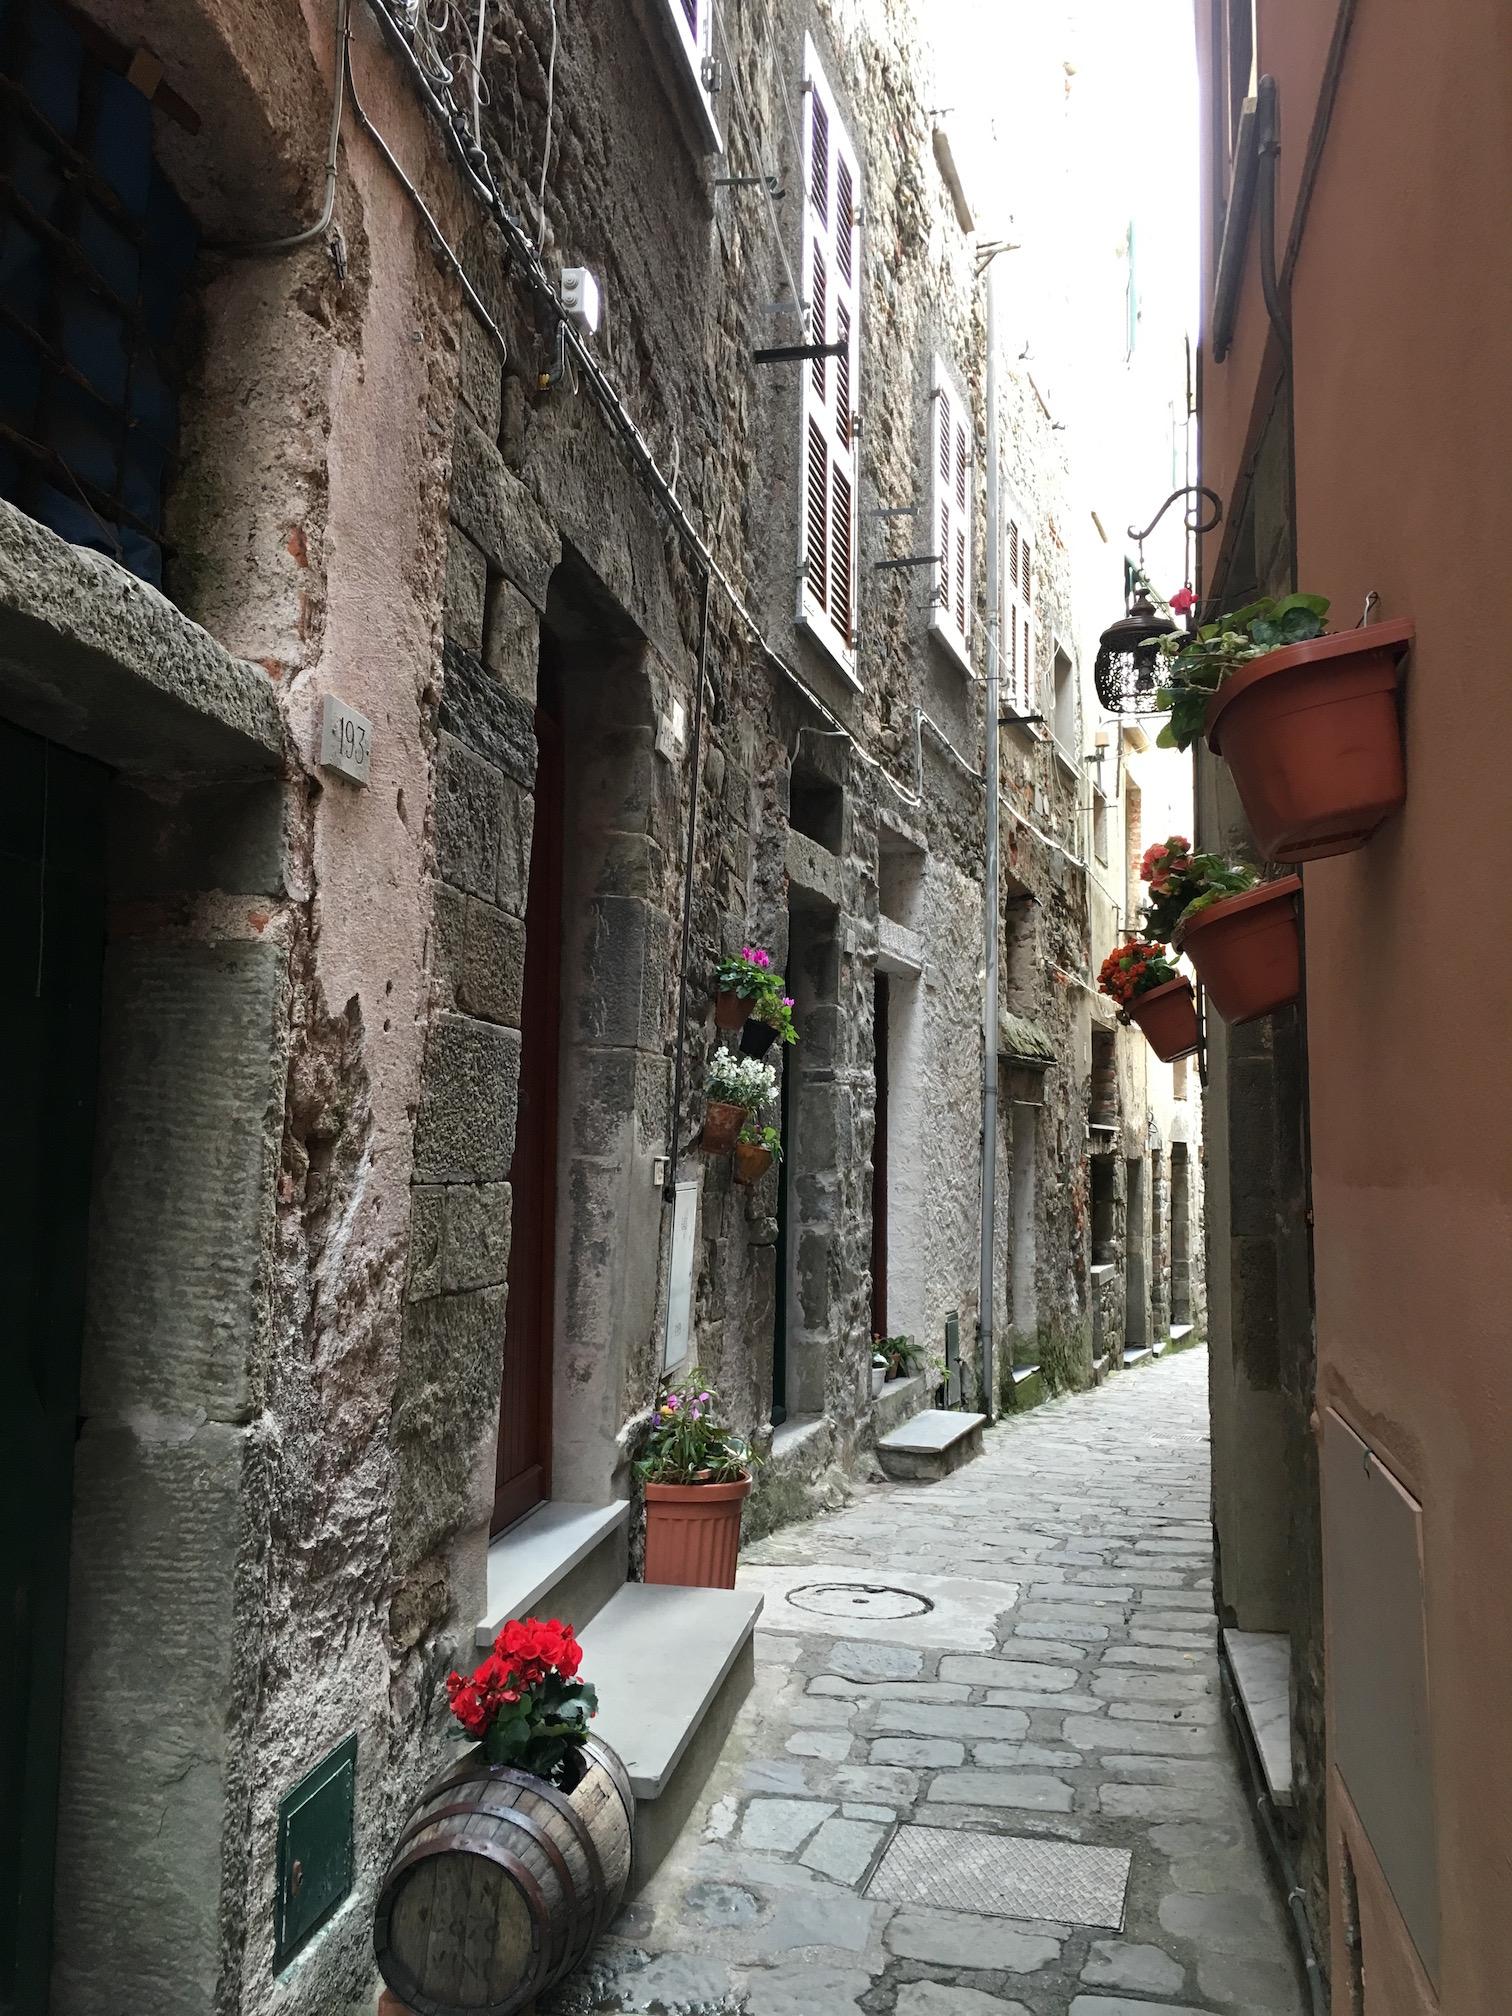 The main road in Corniglia